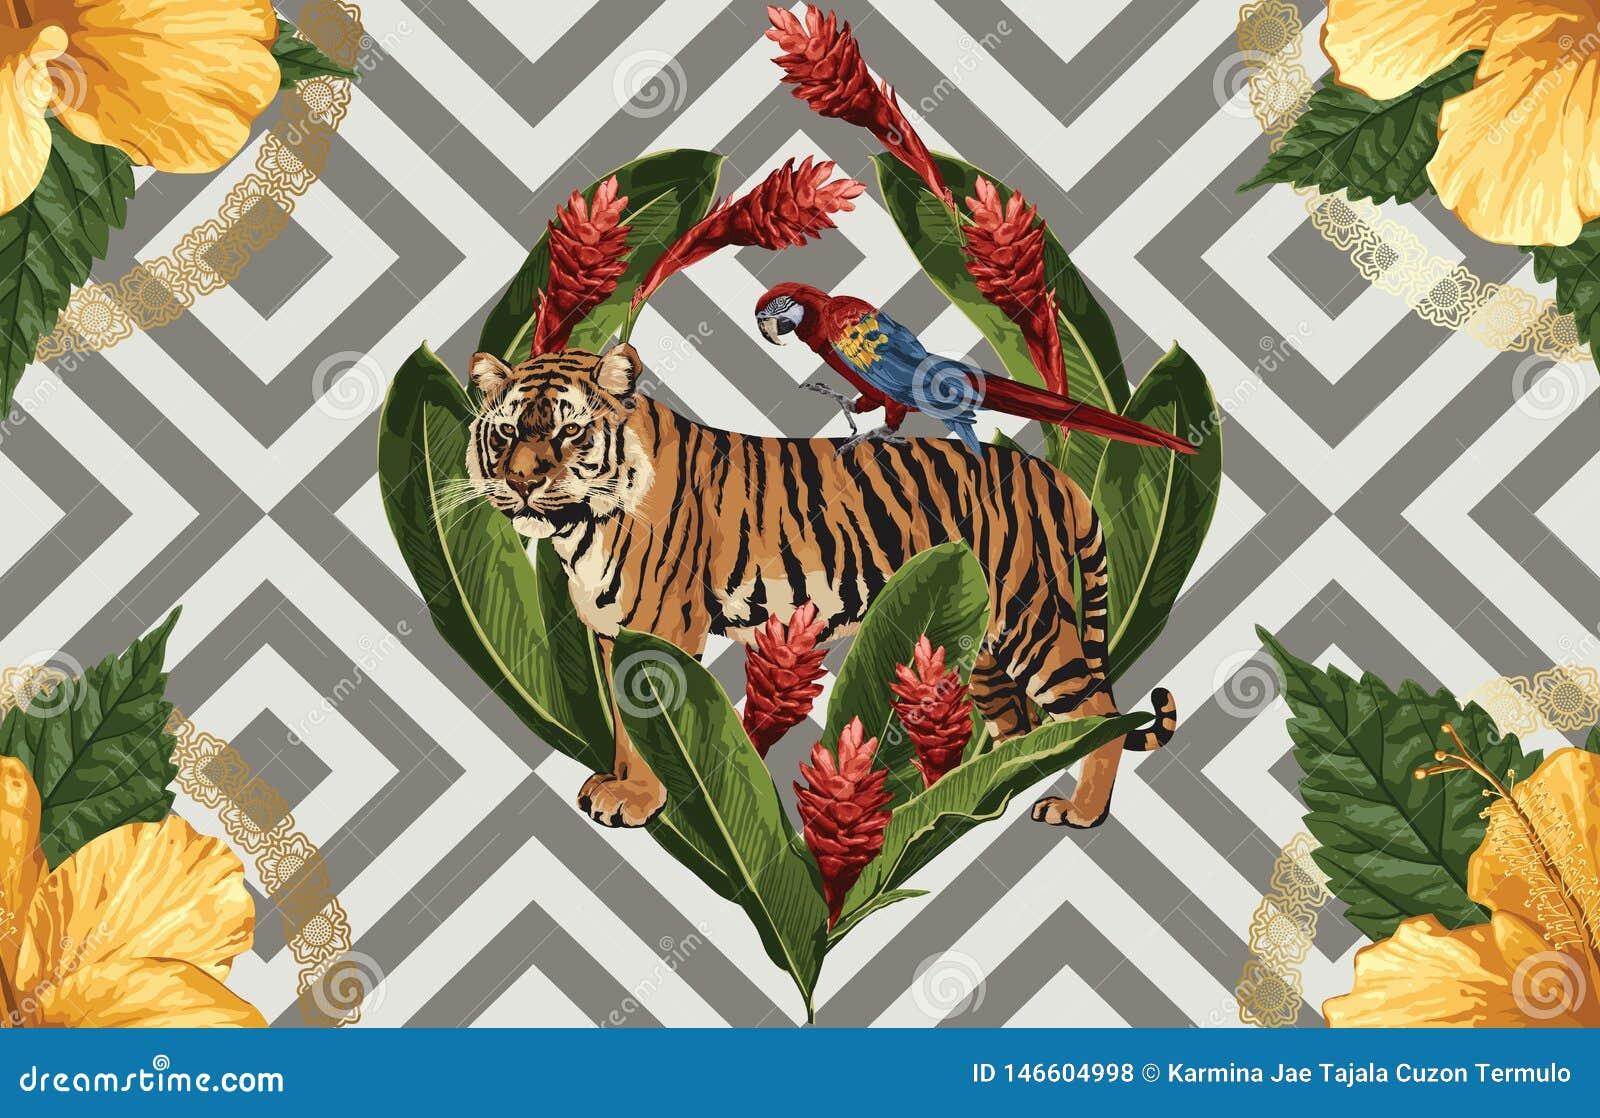 Uitstekend Mooi en in Naadloos Patroonontwerp in super hoge resolutie De Textuur van de patroondecoratie Uitstekend stijlontwerp